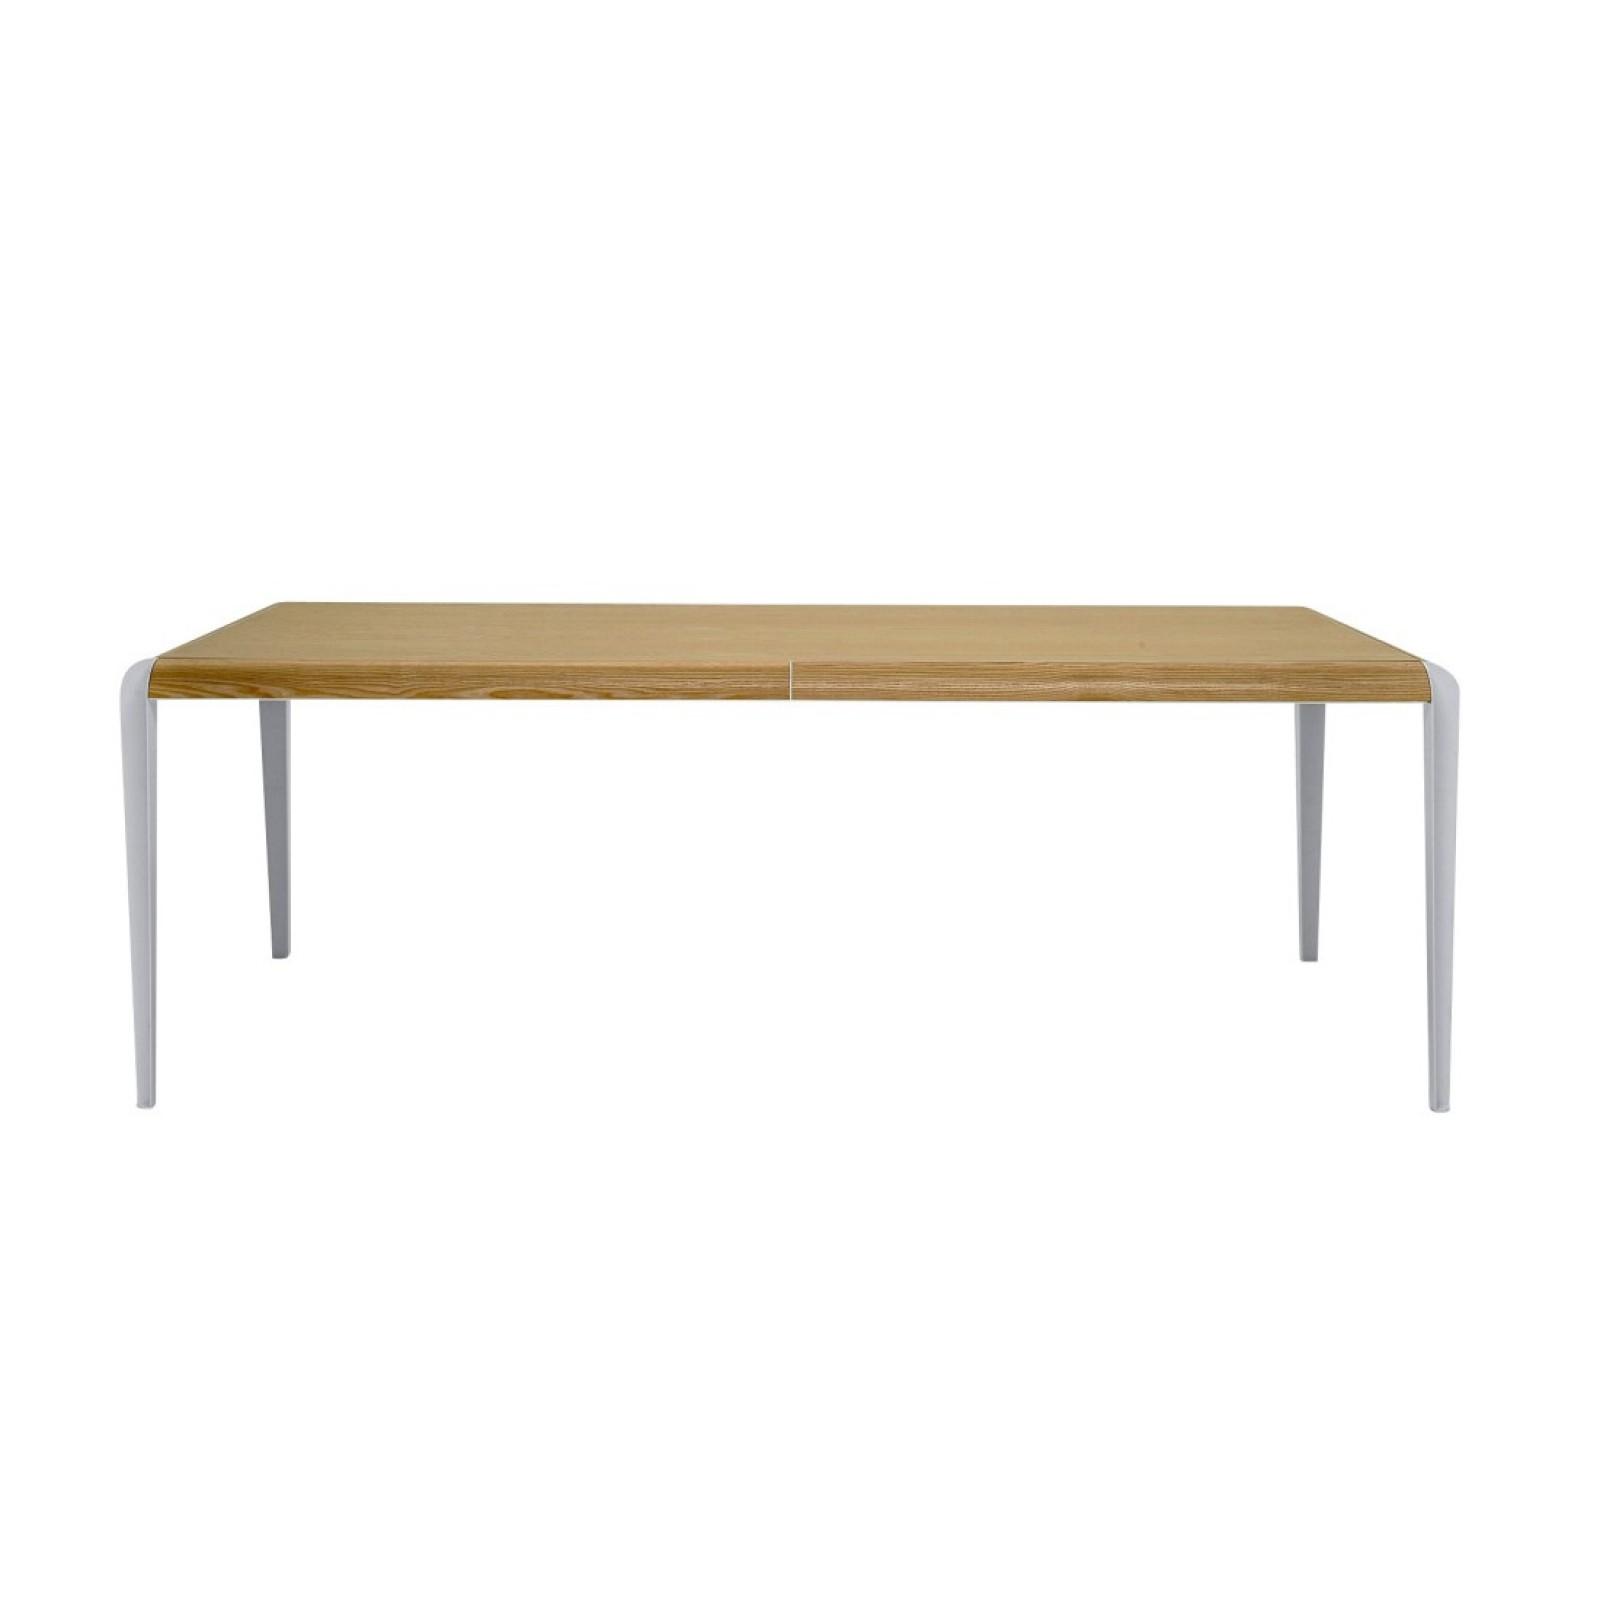 Τραπέζι Slice - Sander Mulder